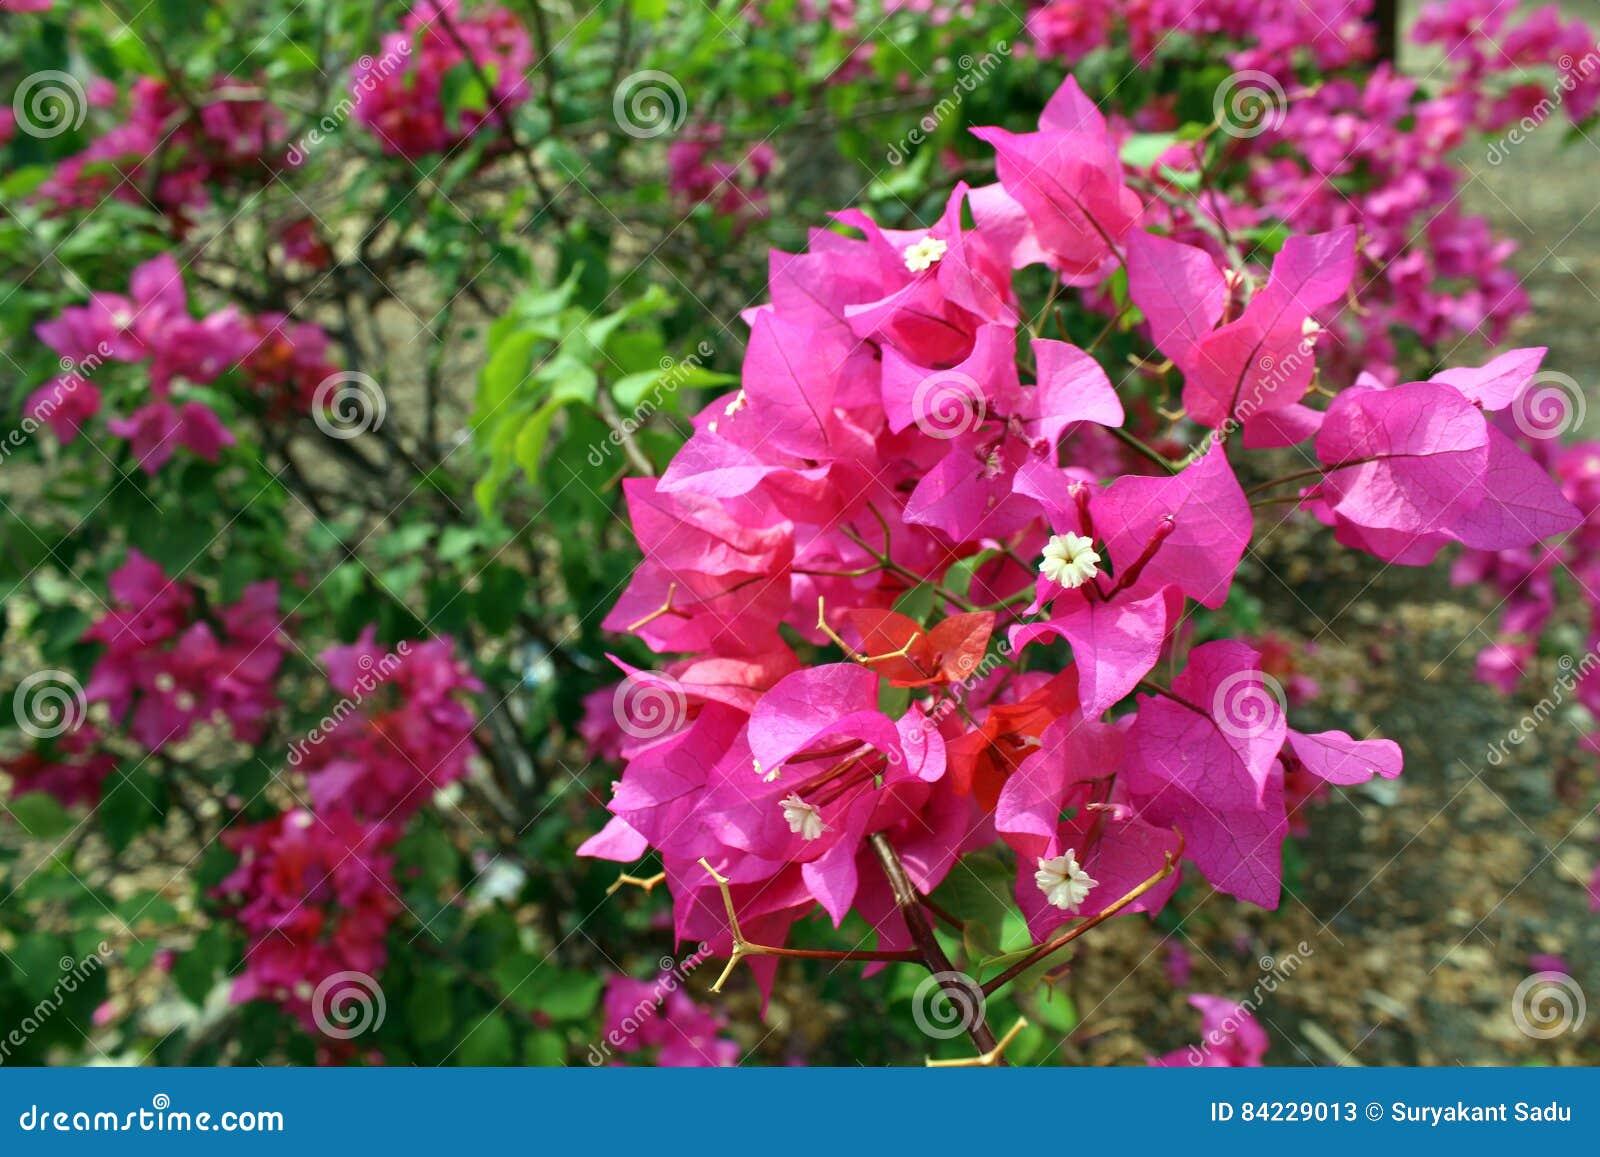 Bougainville Fleur concernant fleur de bougainville – idée d'image de fleur